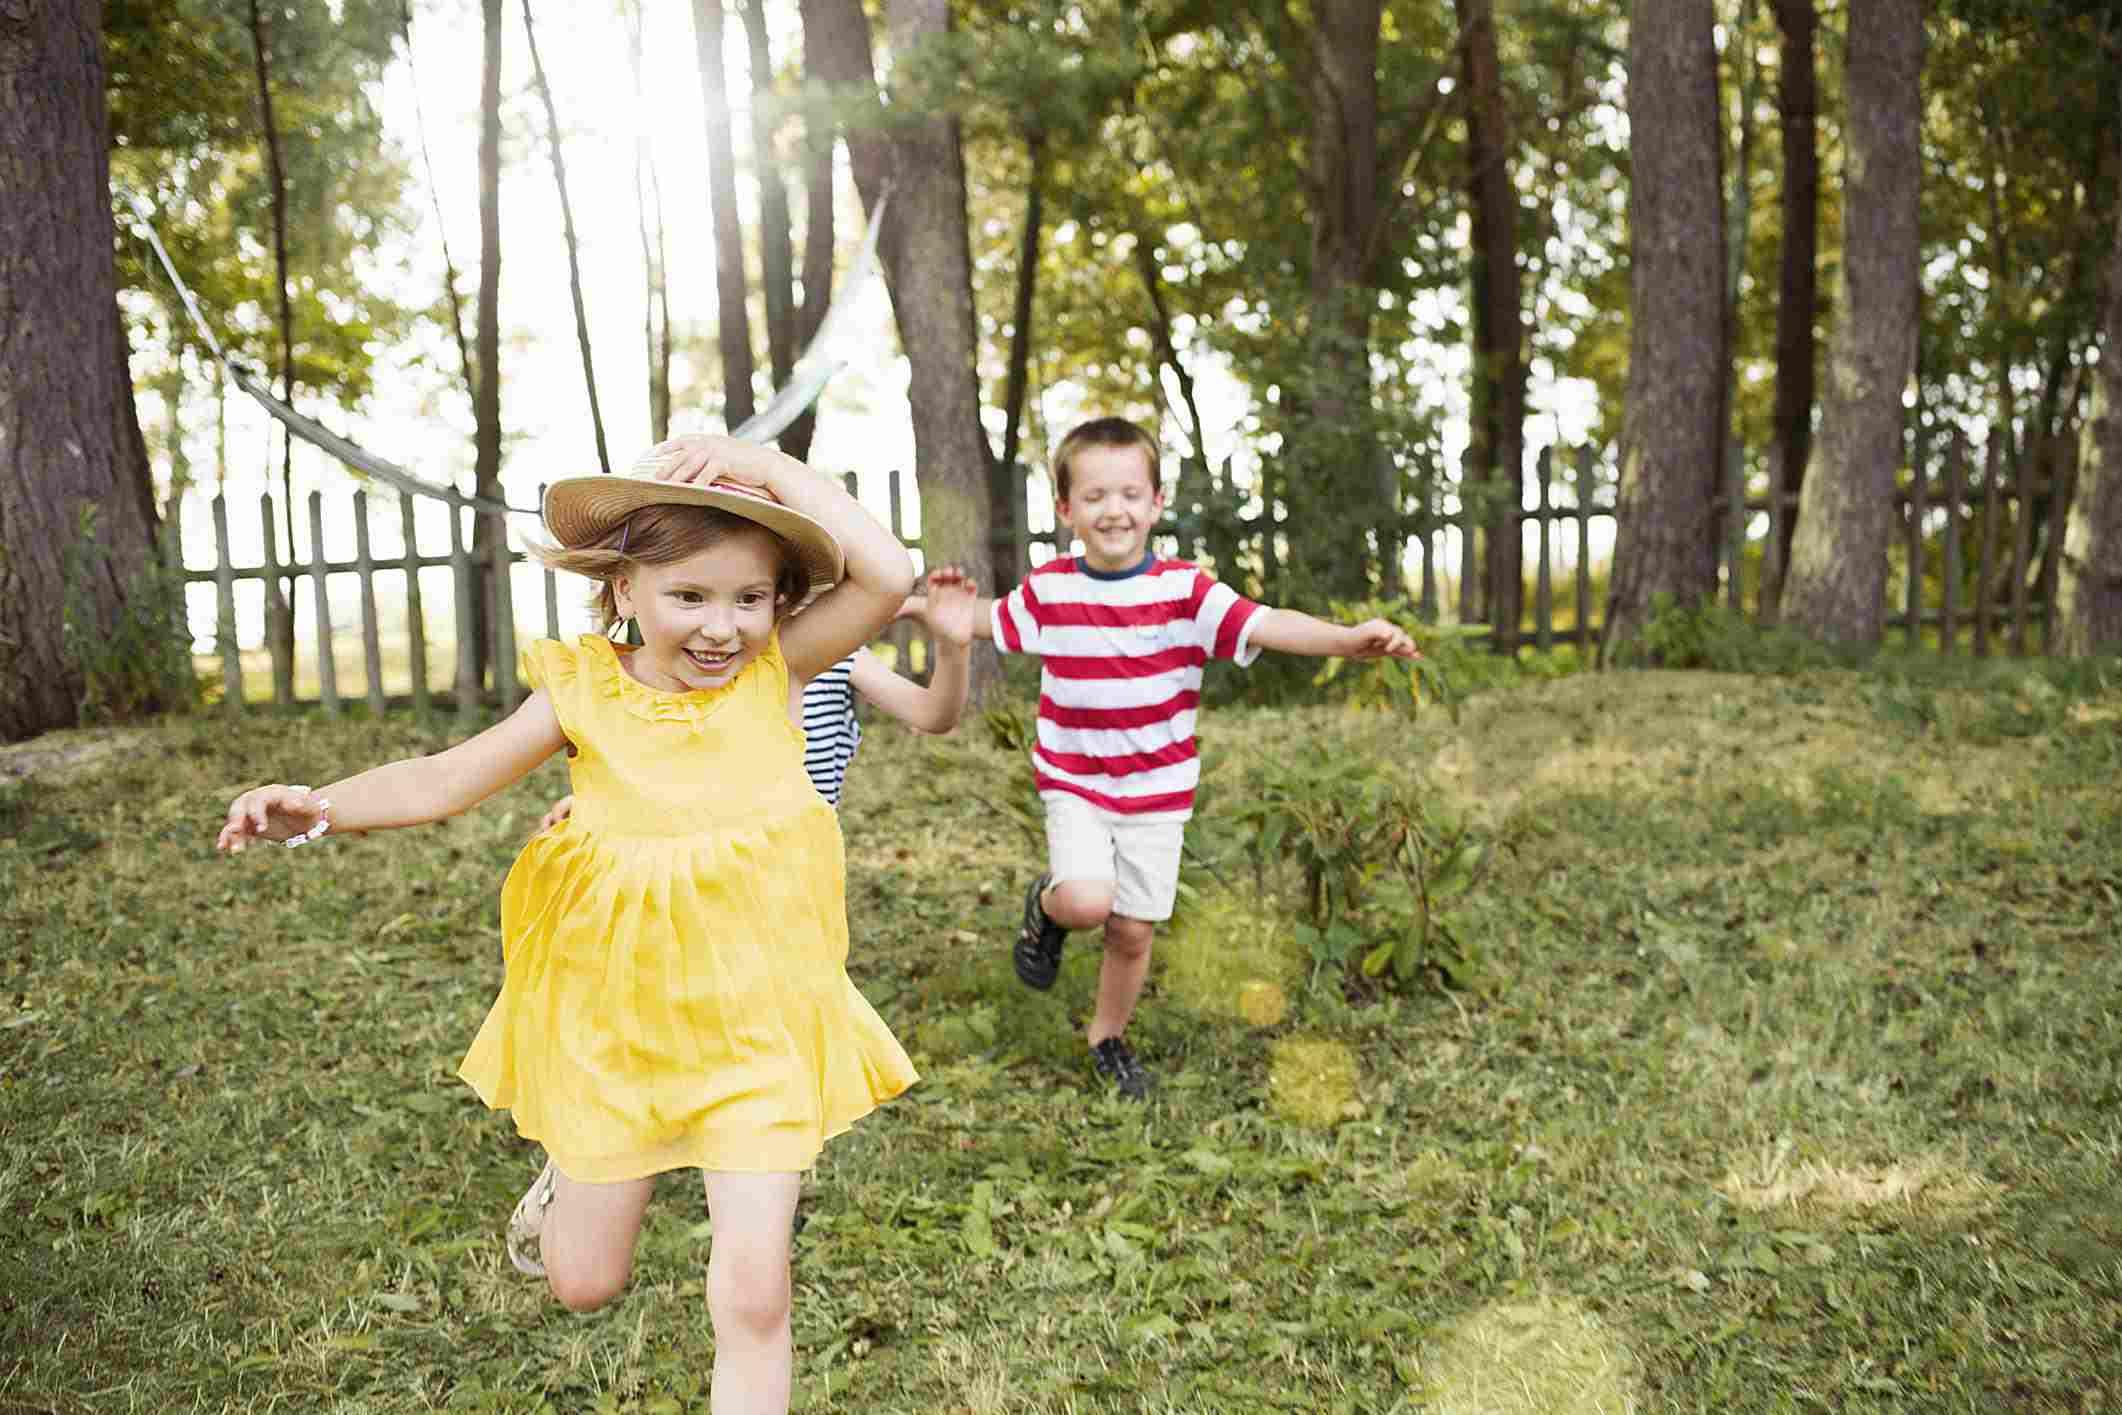 Niños corriendo en el patio de su casa